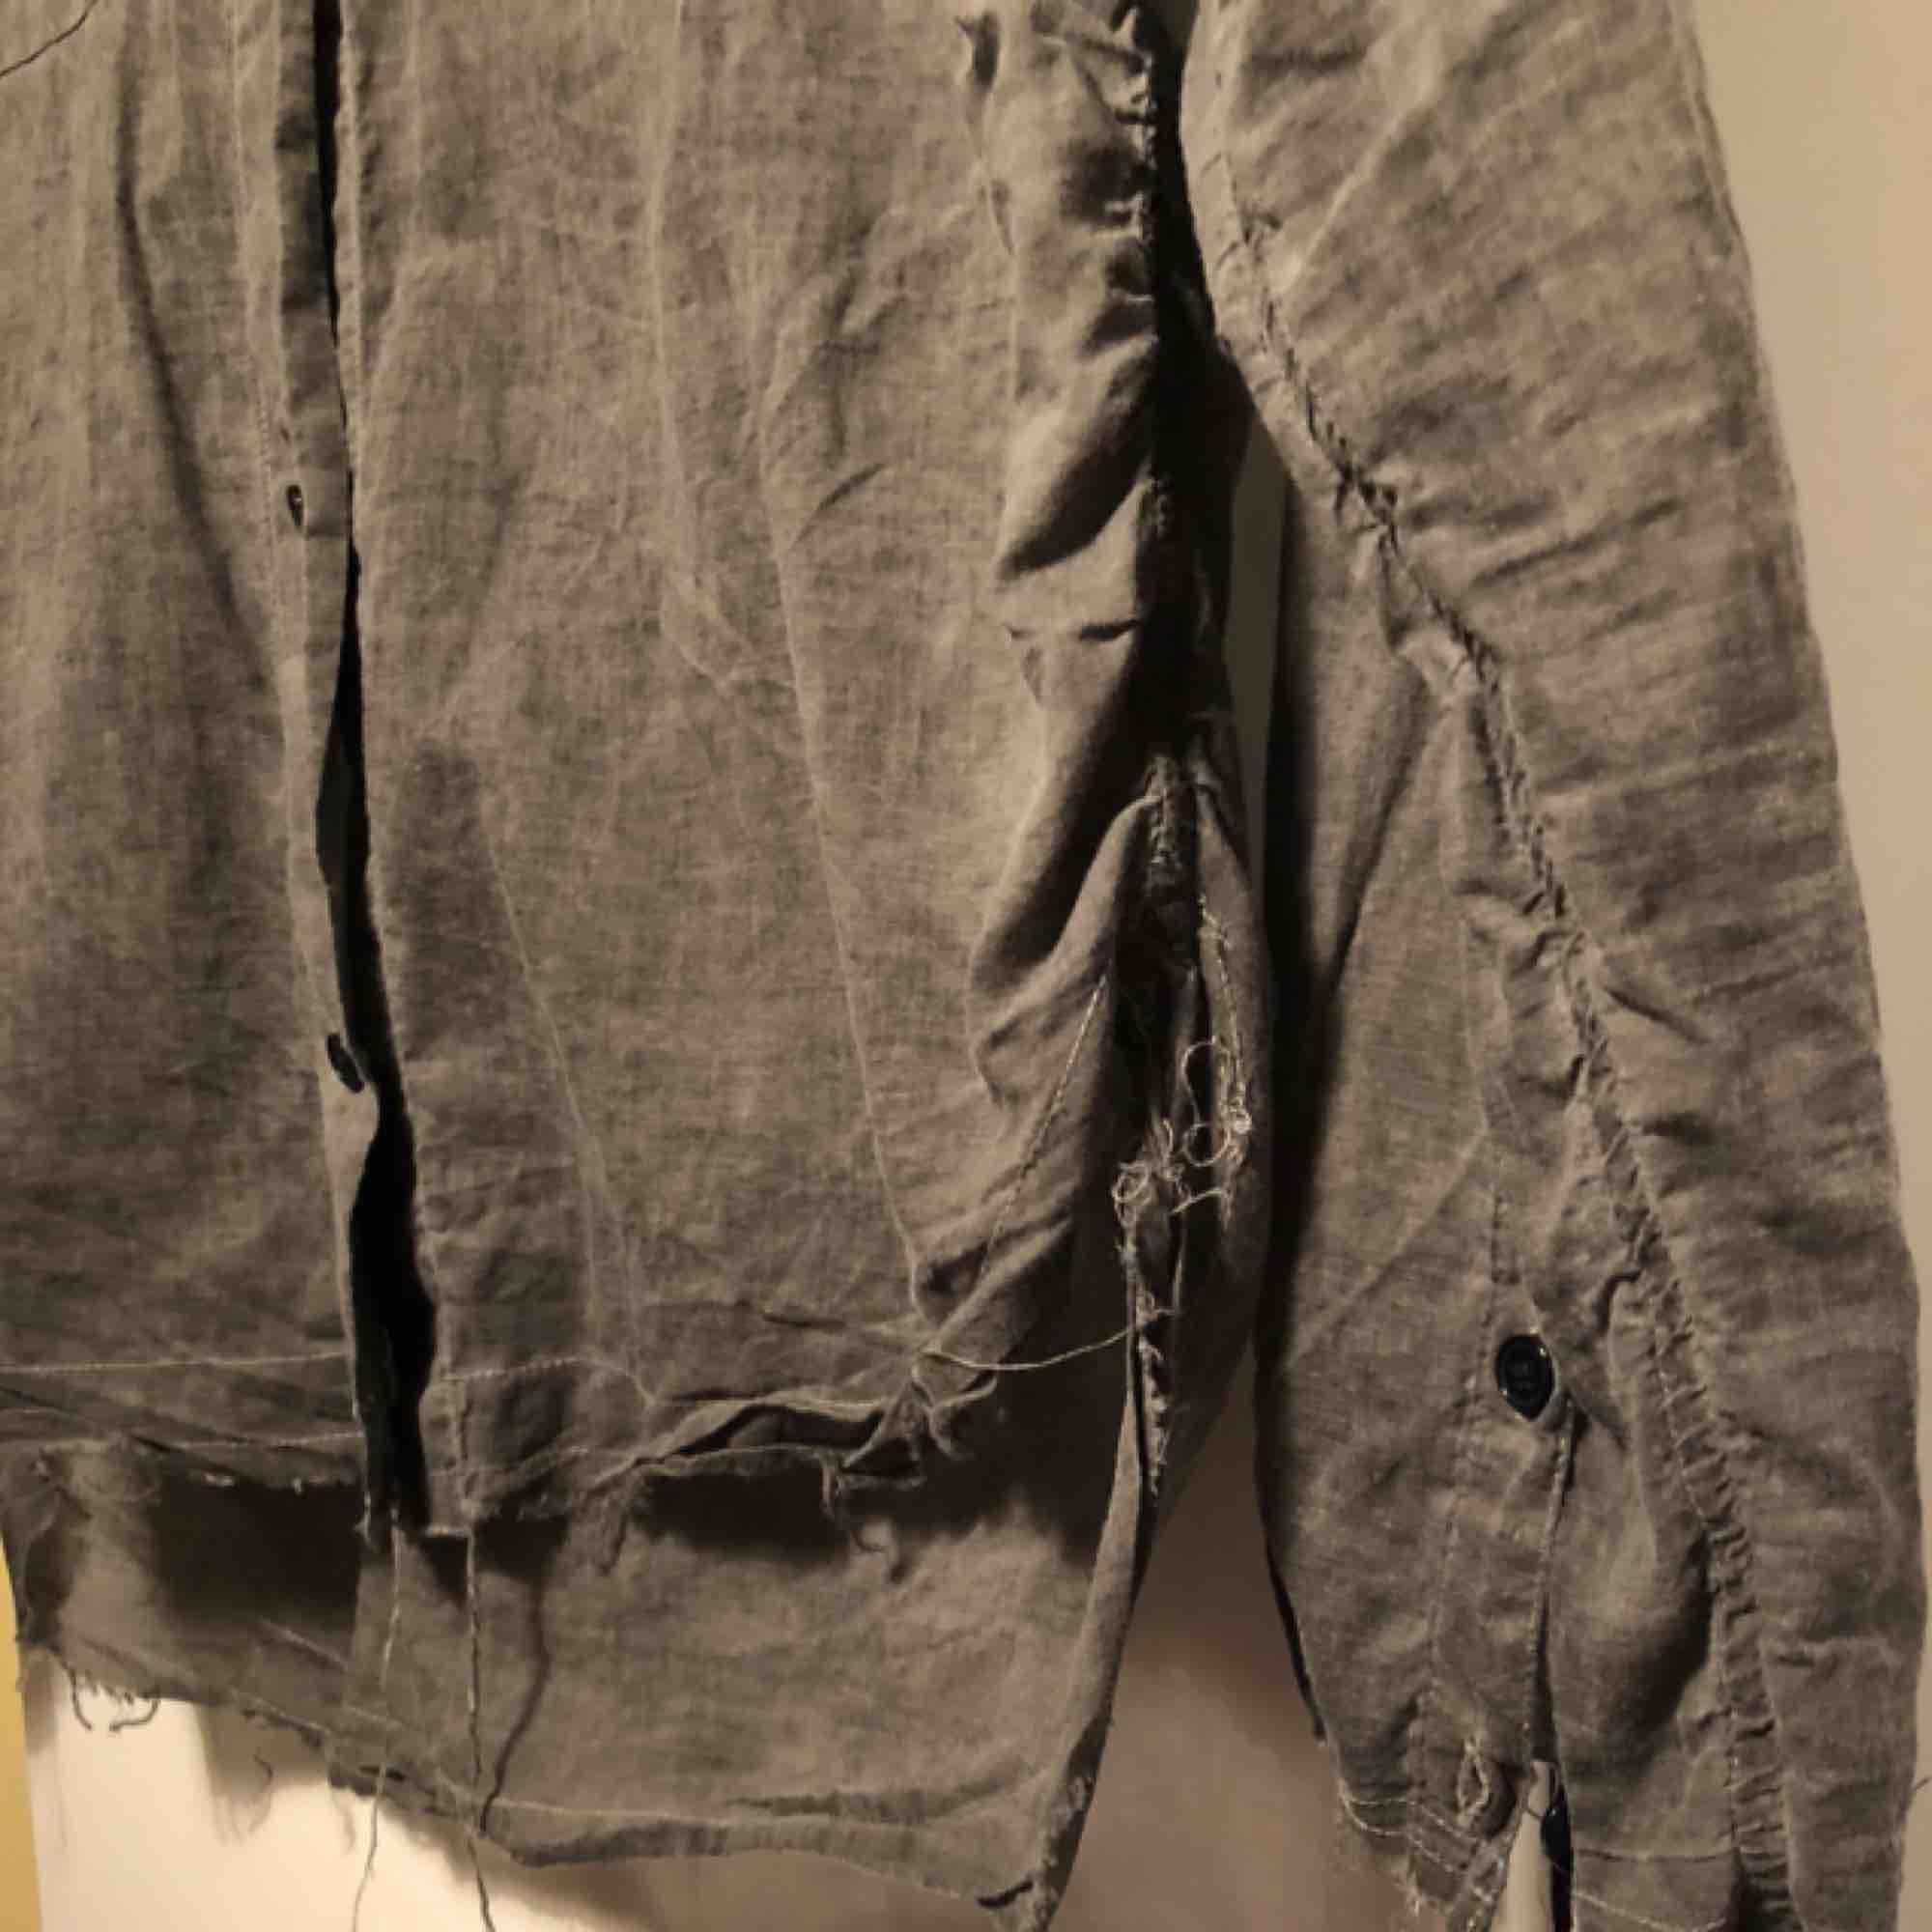 Tuff grå skjorta/blus från Crocker. Modell med slitna sömmar i kanterna. Lite längre bak. Öppna slitsar i sidorna. Ärmarna är aningen korta. Passar XS-S. Nypris 299kr. Skjortor.